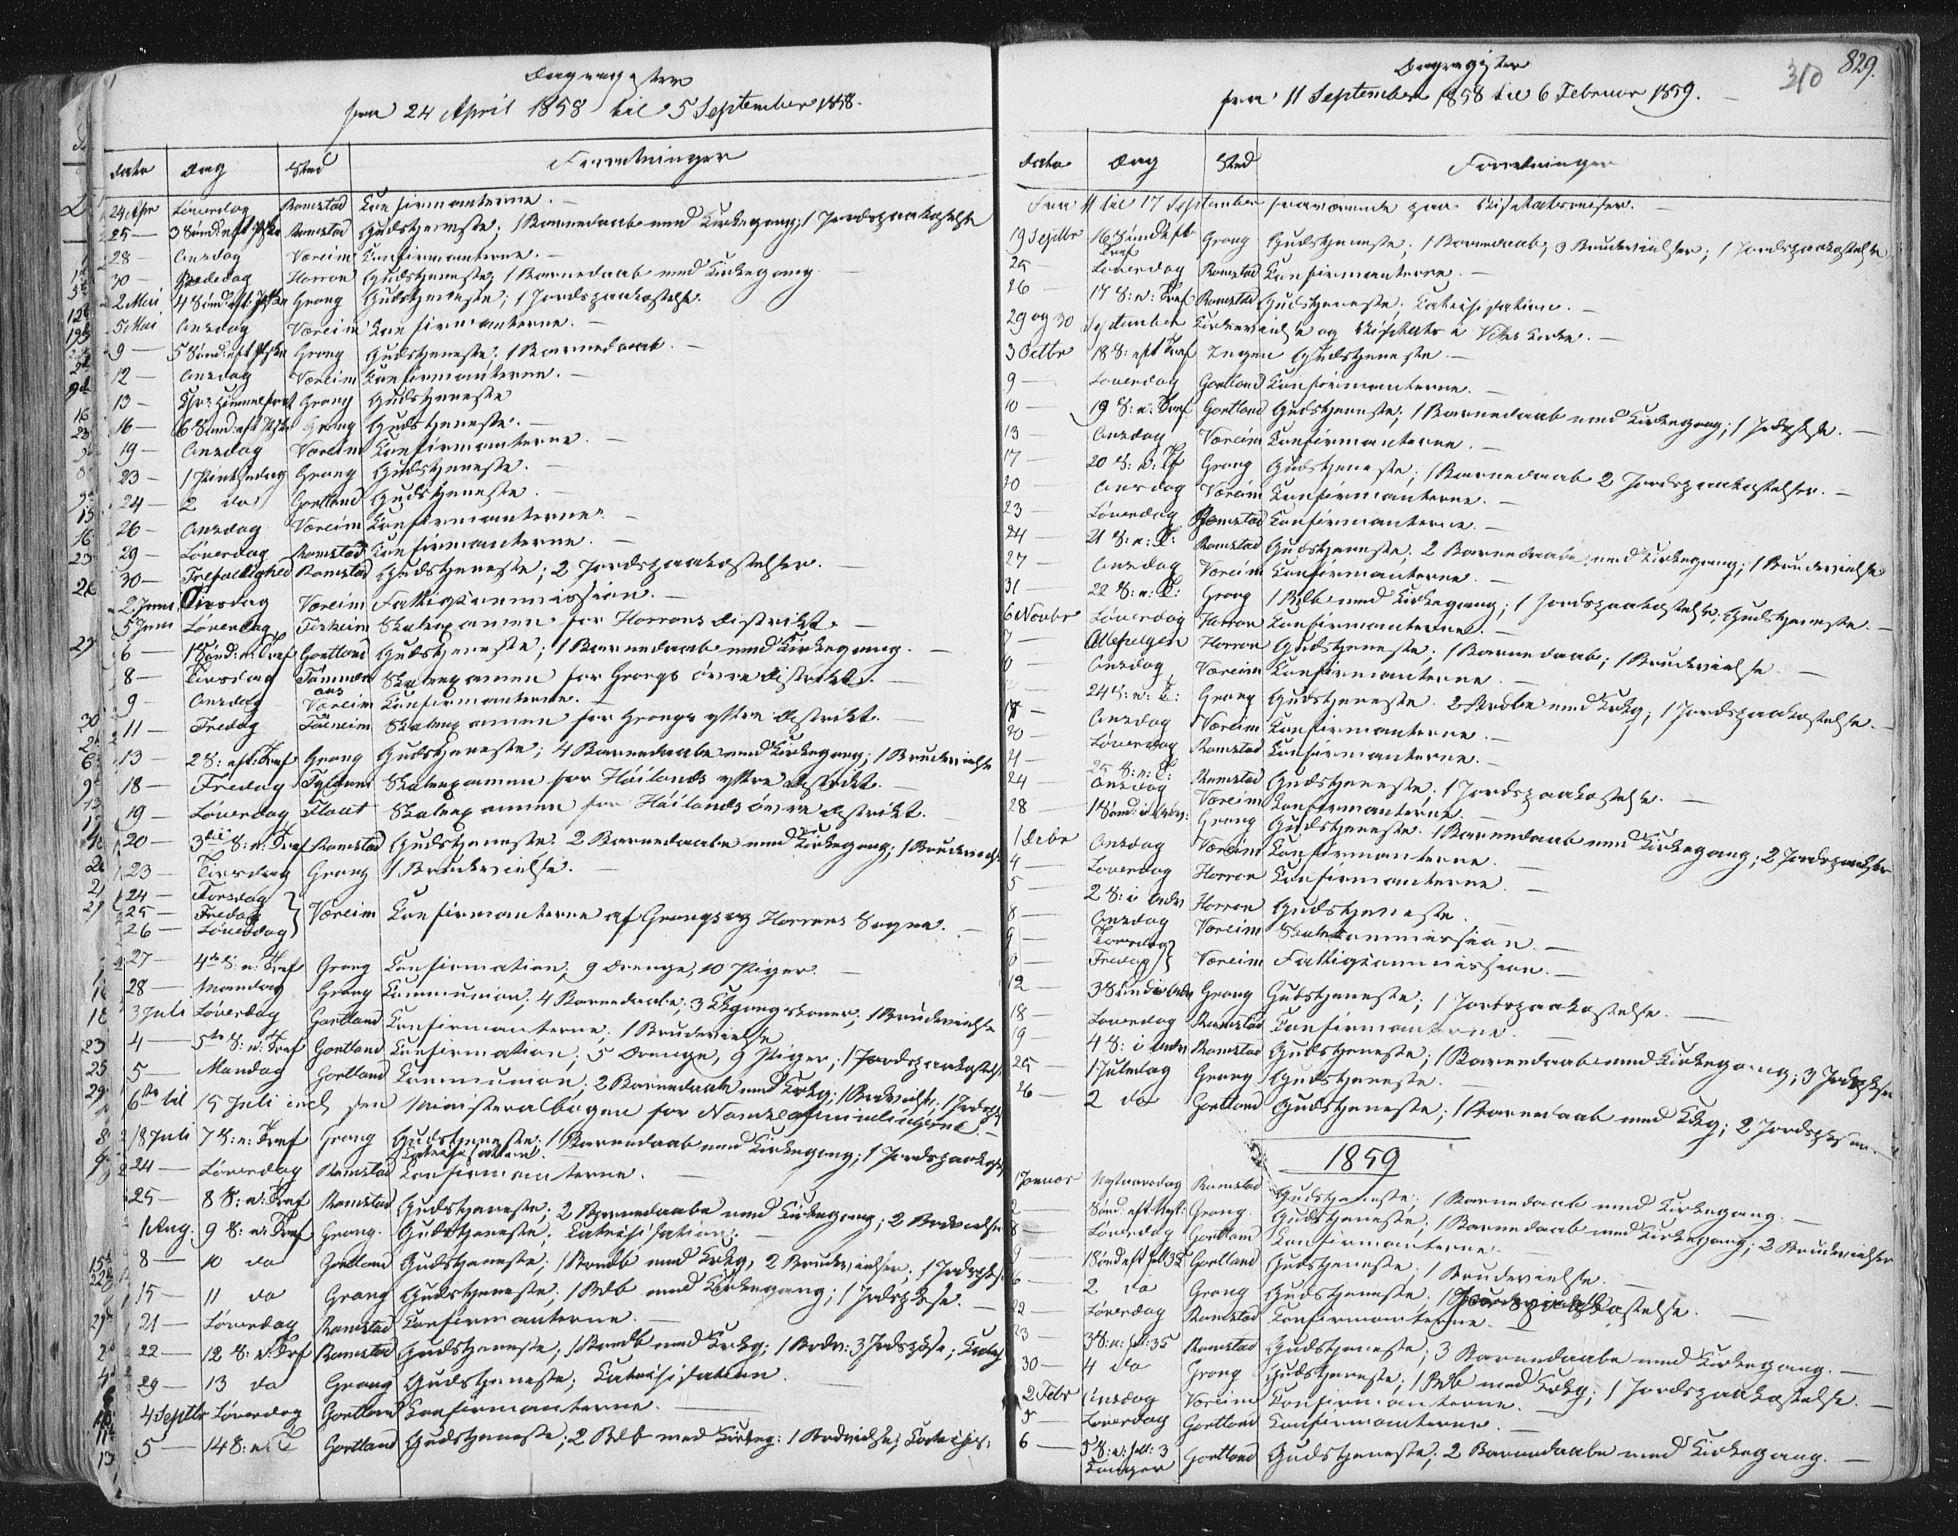 SAT, Ministerialprotokoller, klokkerbøker og fødselsregistre - Nord-Trøndelag, 758/L0513: Ministerialbok nr. 758A02 /1, 1839-1868, s. 310